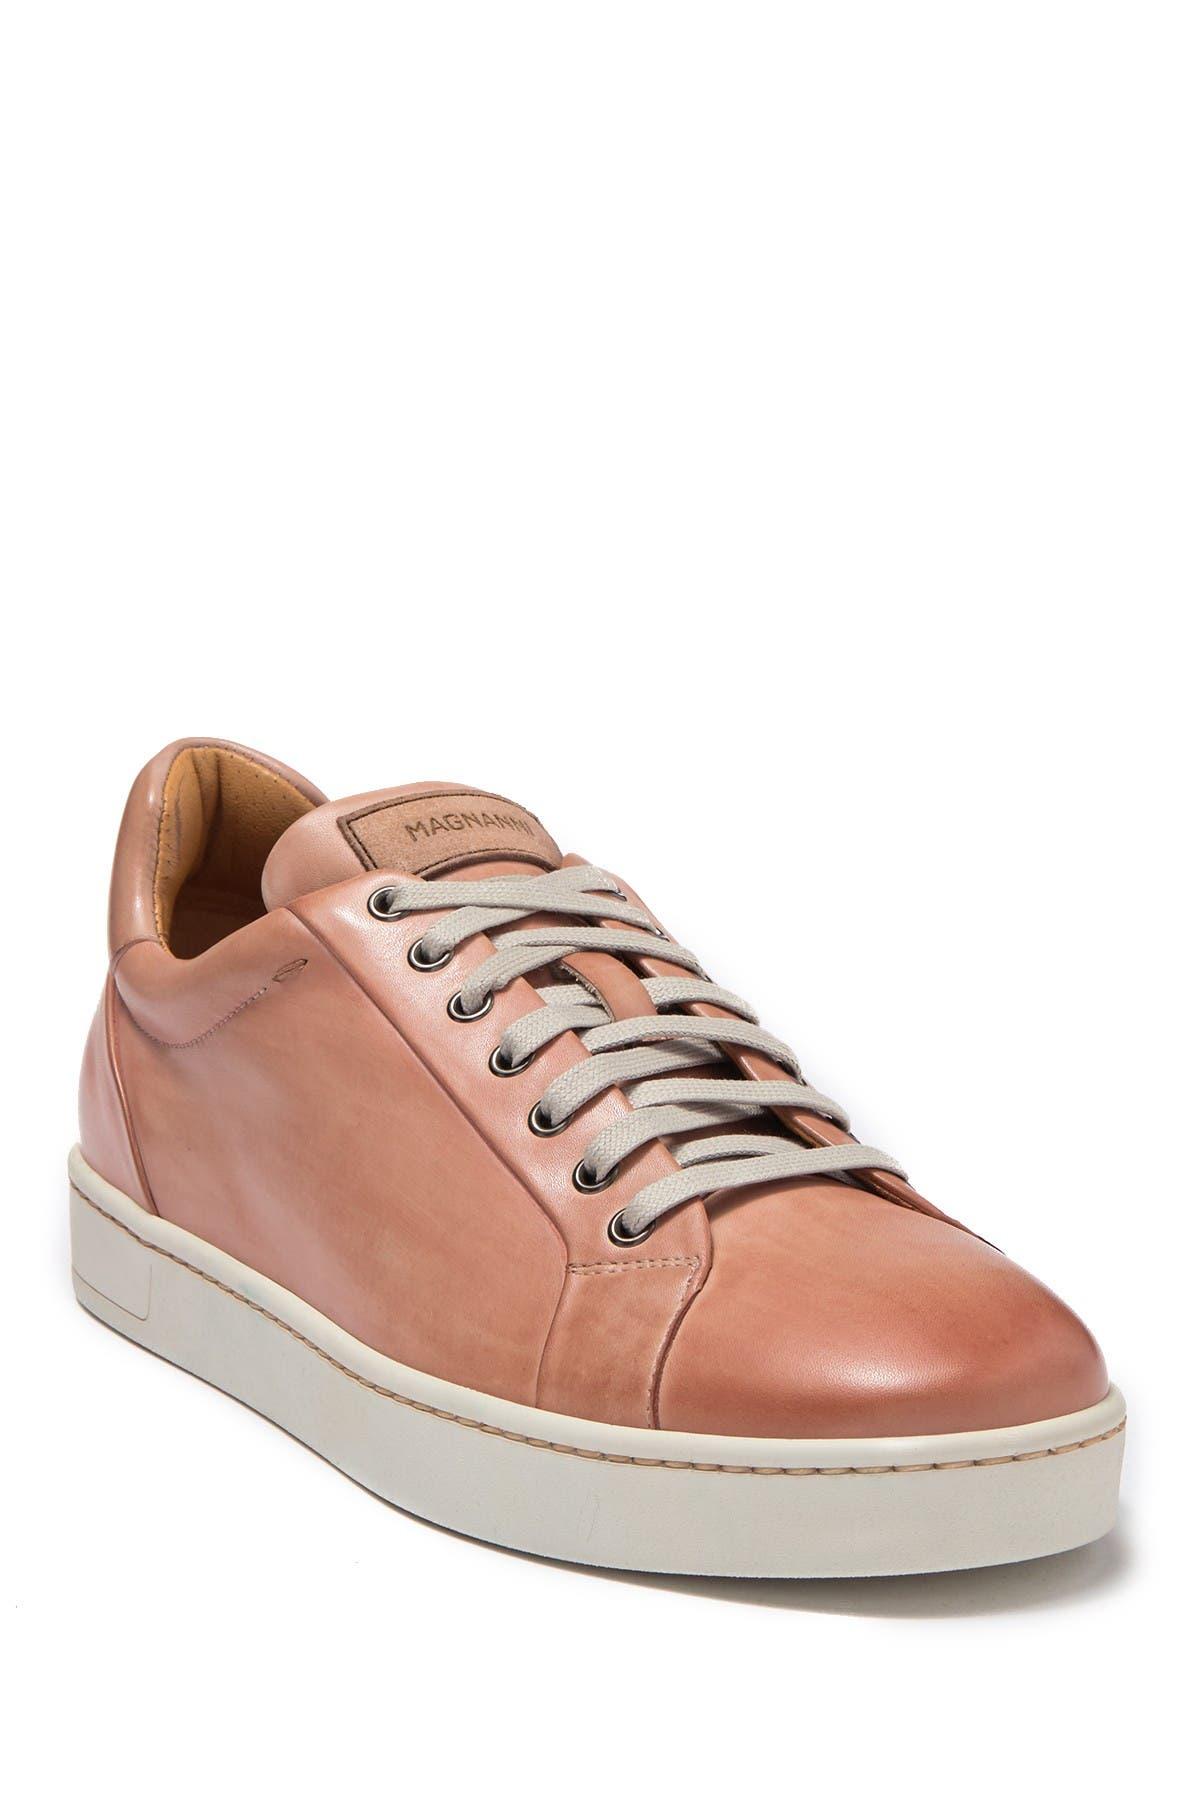 Magnanni | Leather Sneaker | Nordstrom Rack